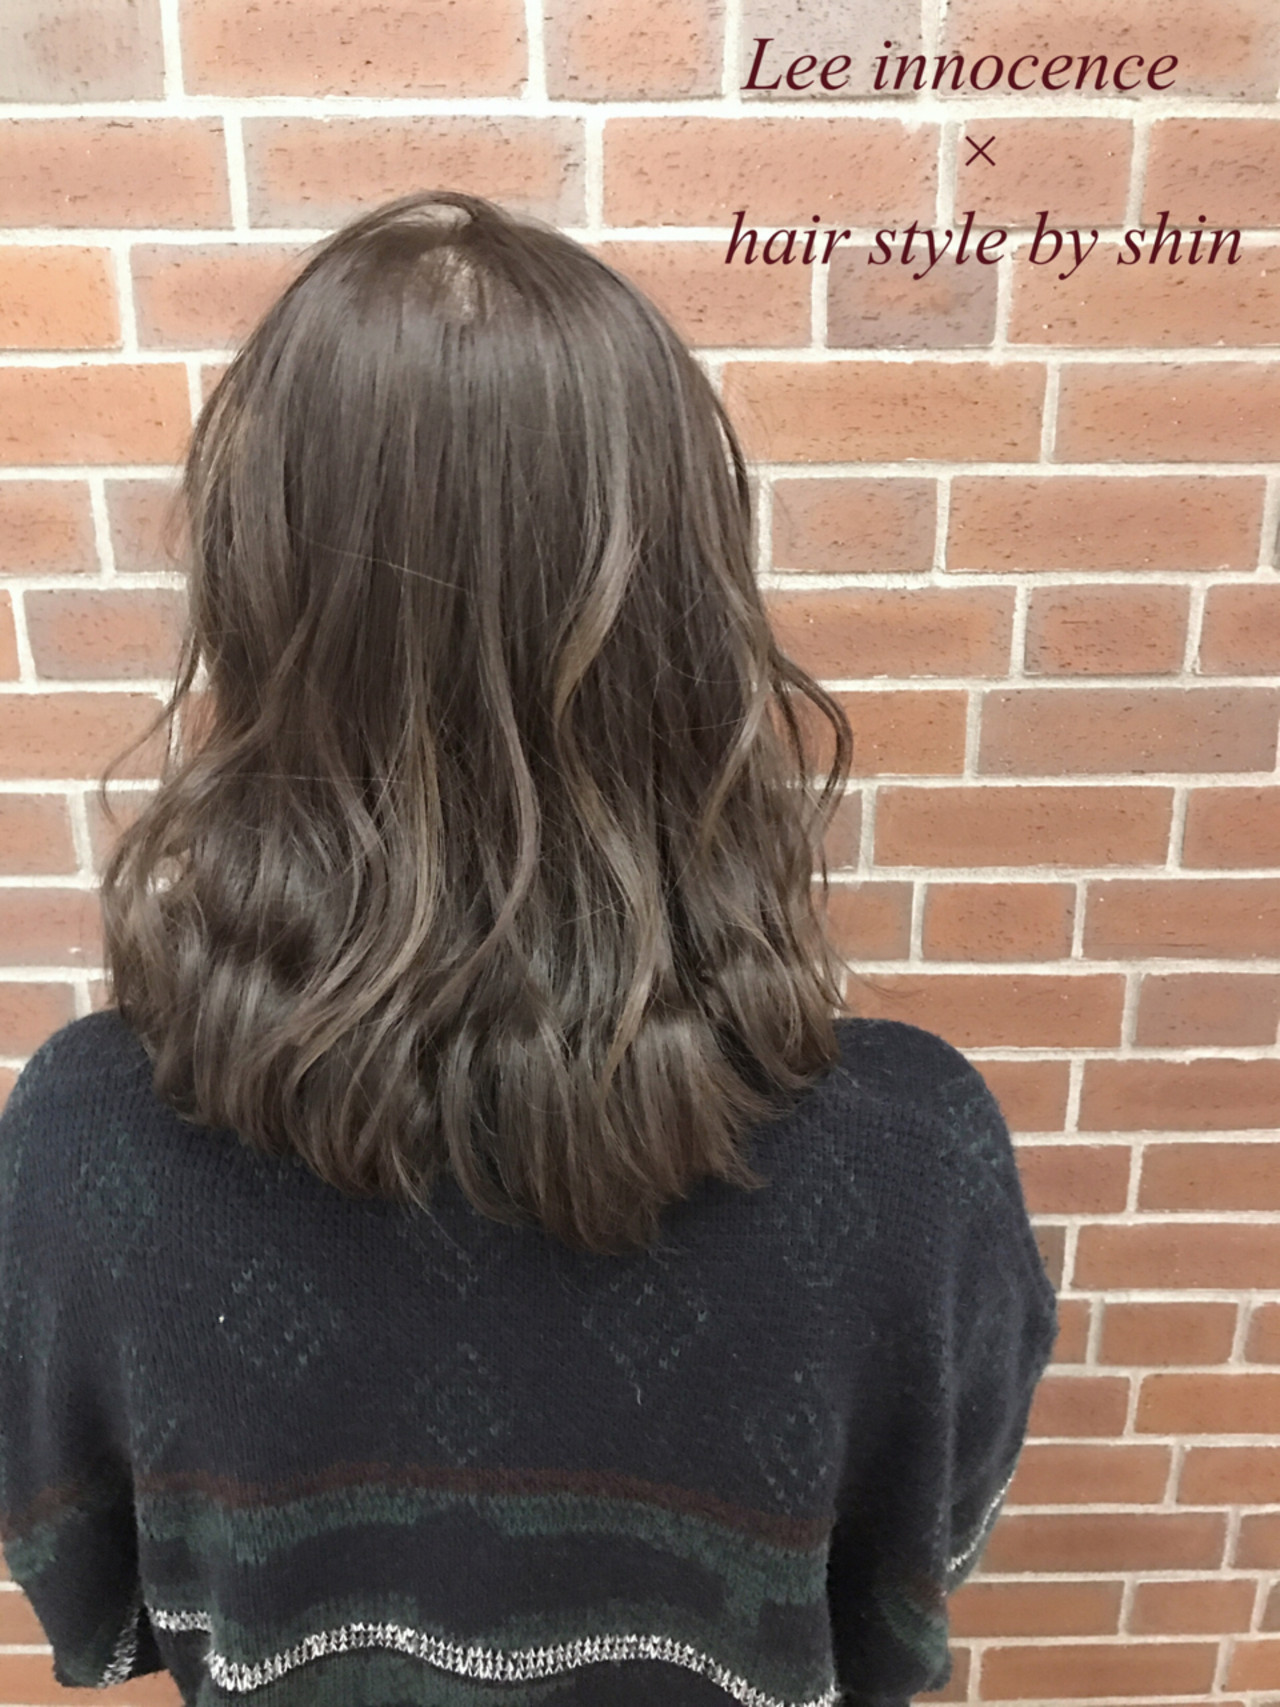 ナチュラル ミルクティー 色気 ボブ ヘアスタイルや髪型の写真・画像 | Lee innocence 宮本伸一(shin) / Lee innocence 西宮北口店